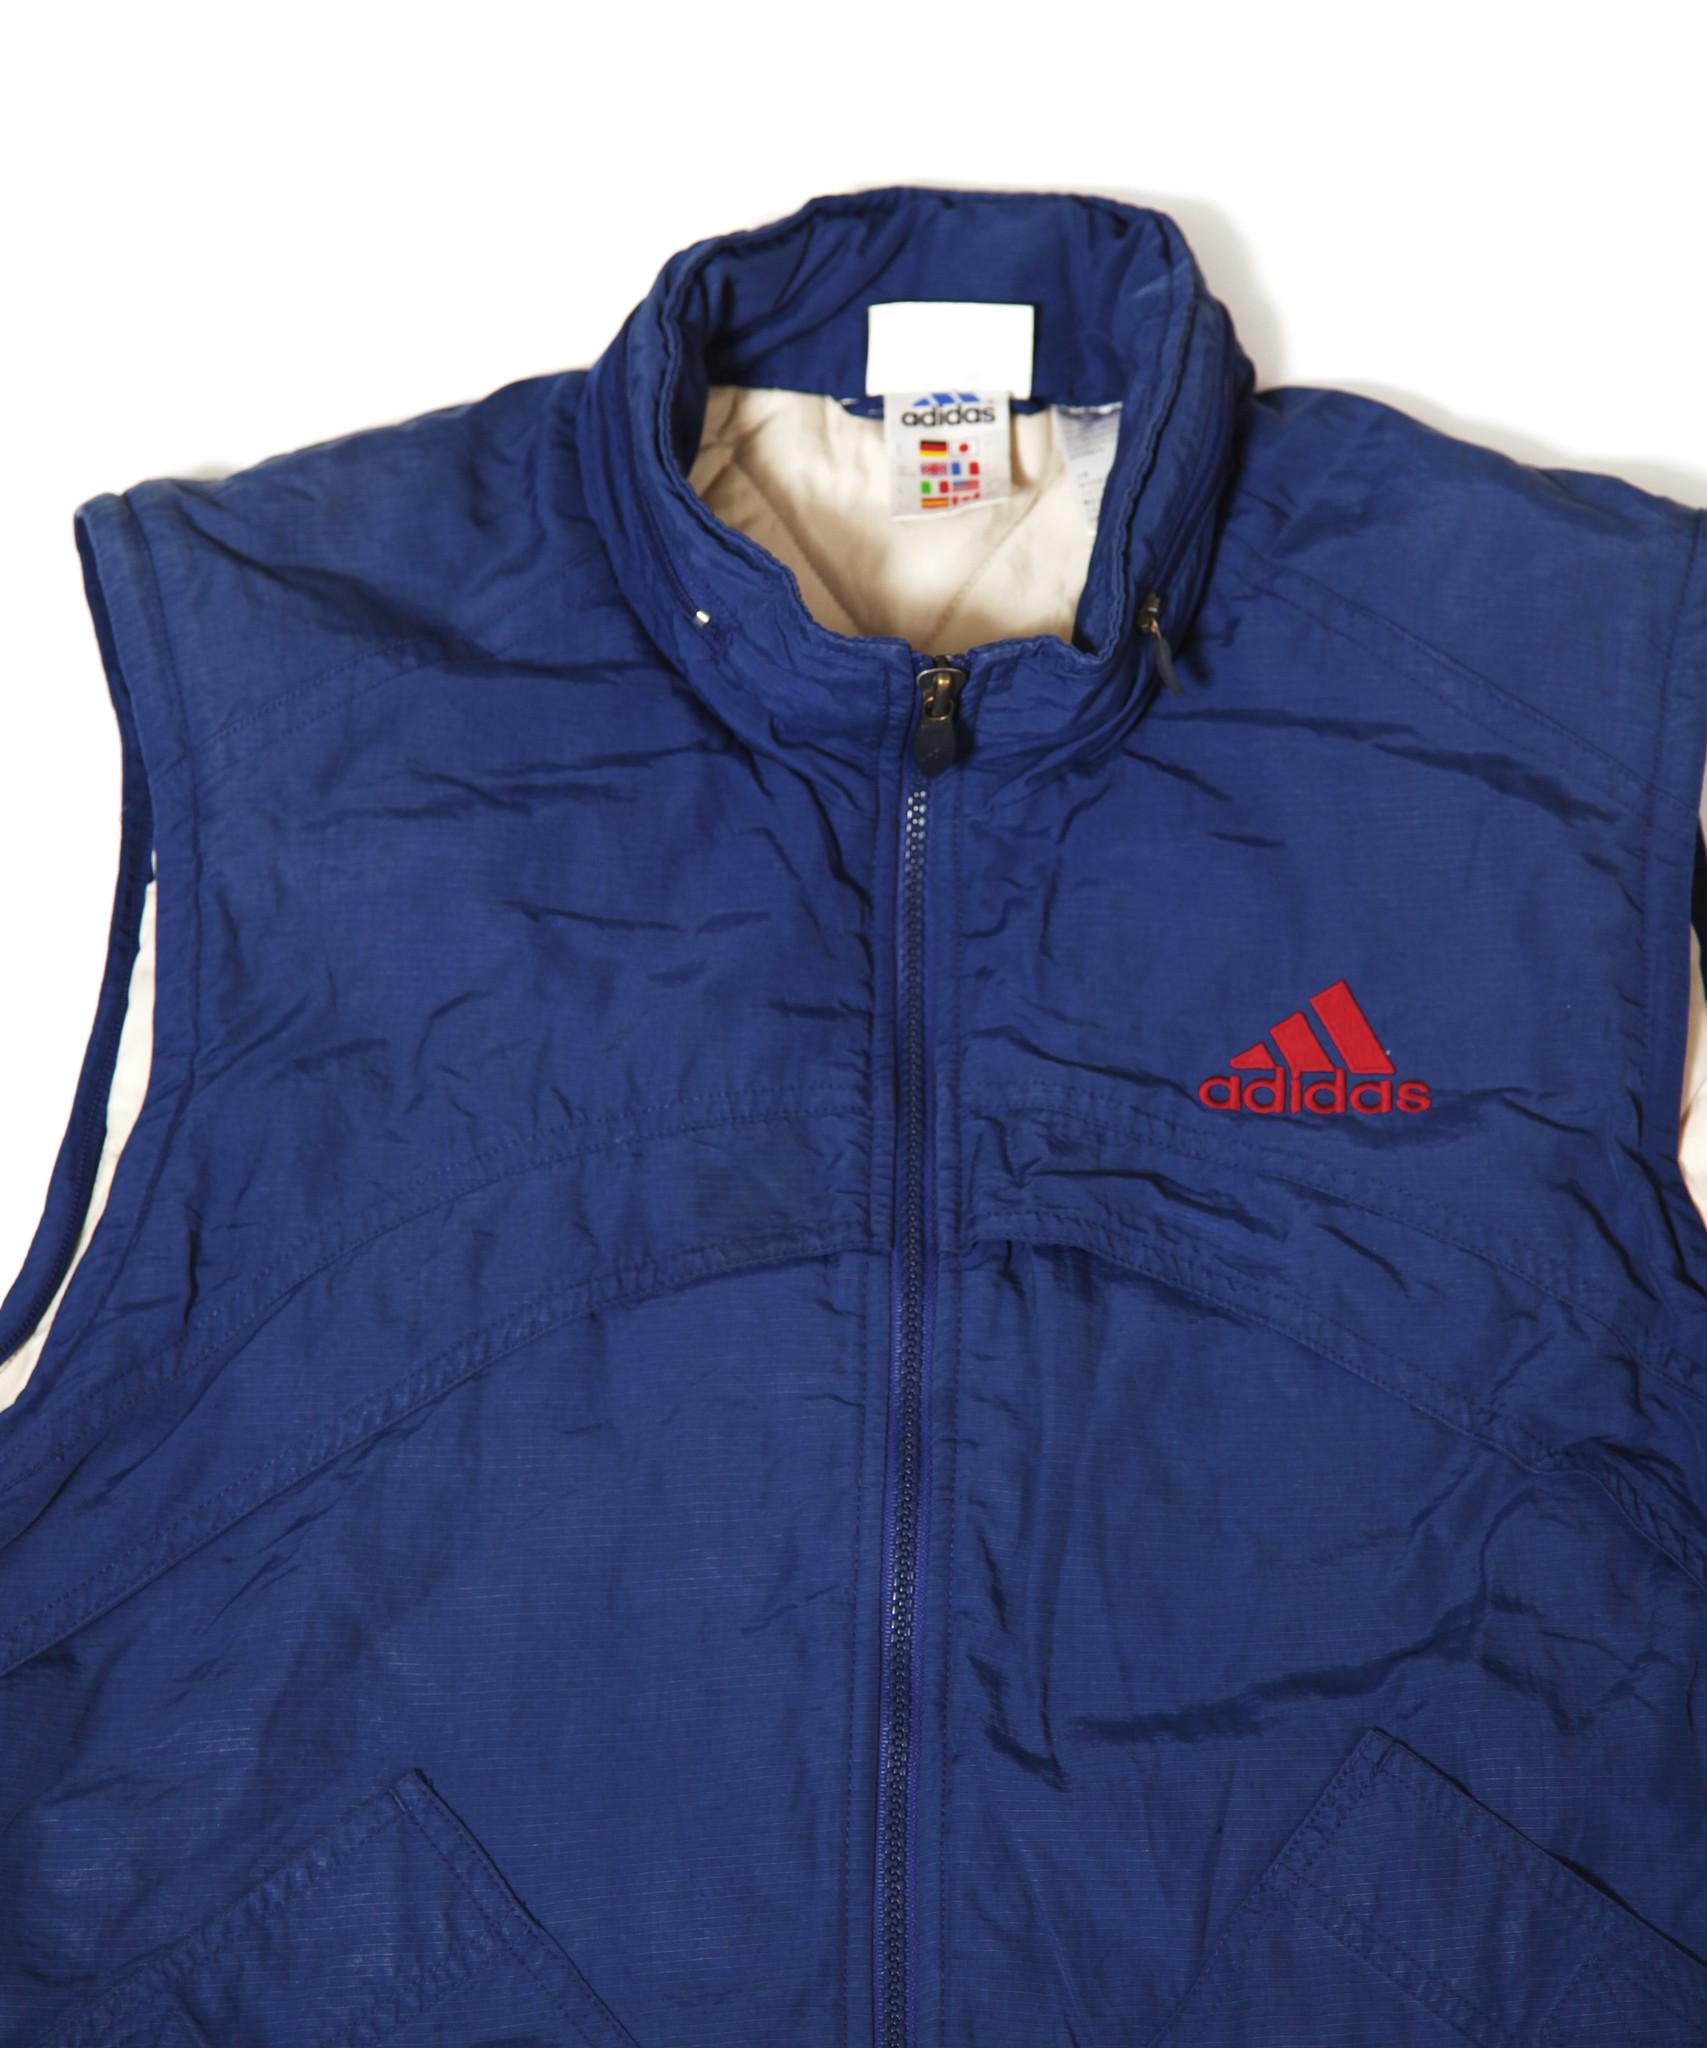 Blue 80s Adidas bodywarmer